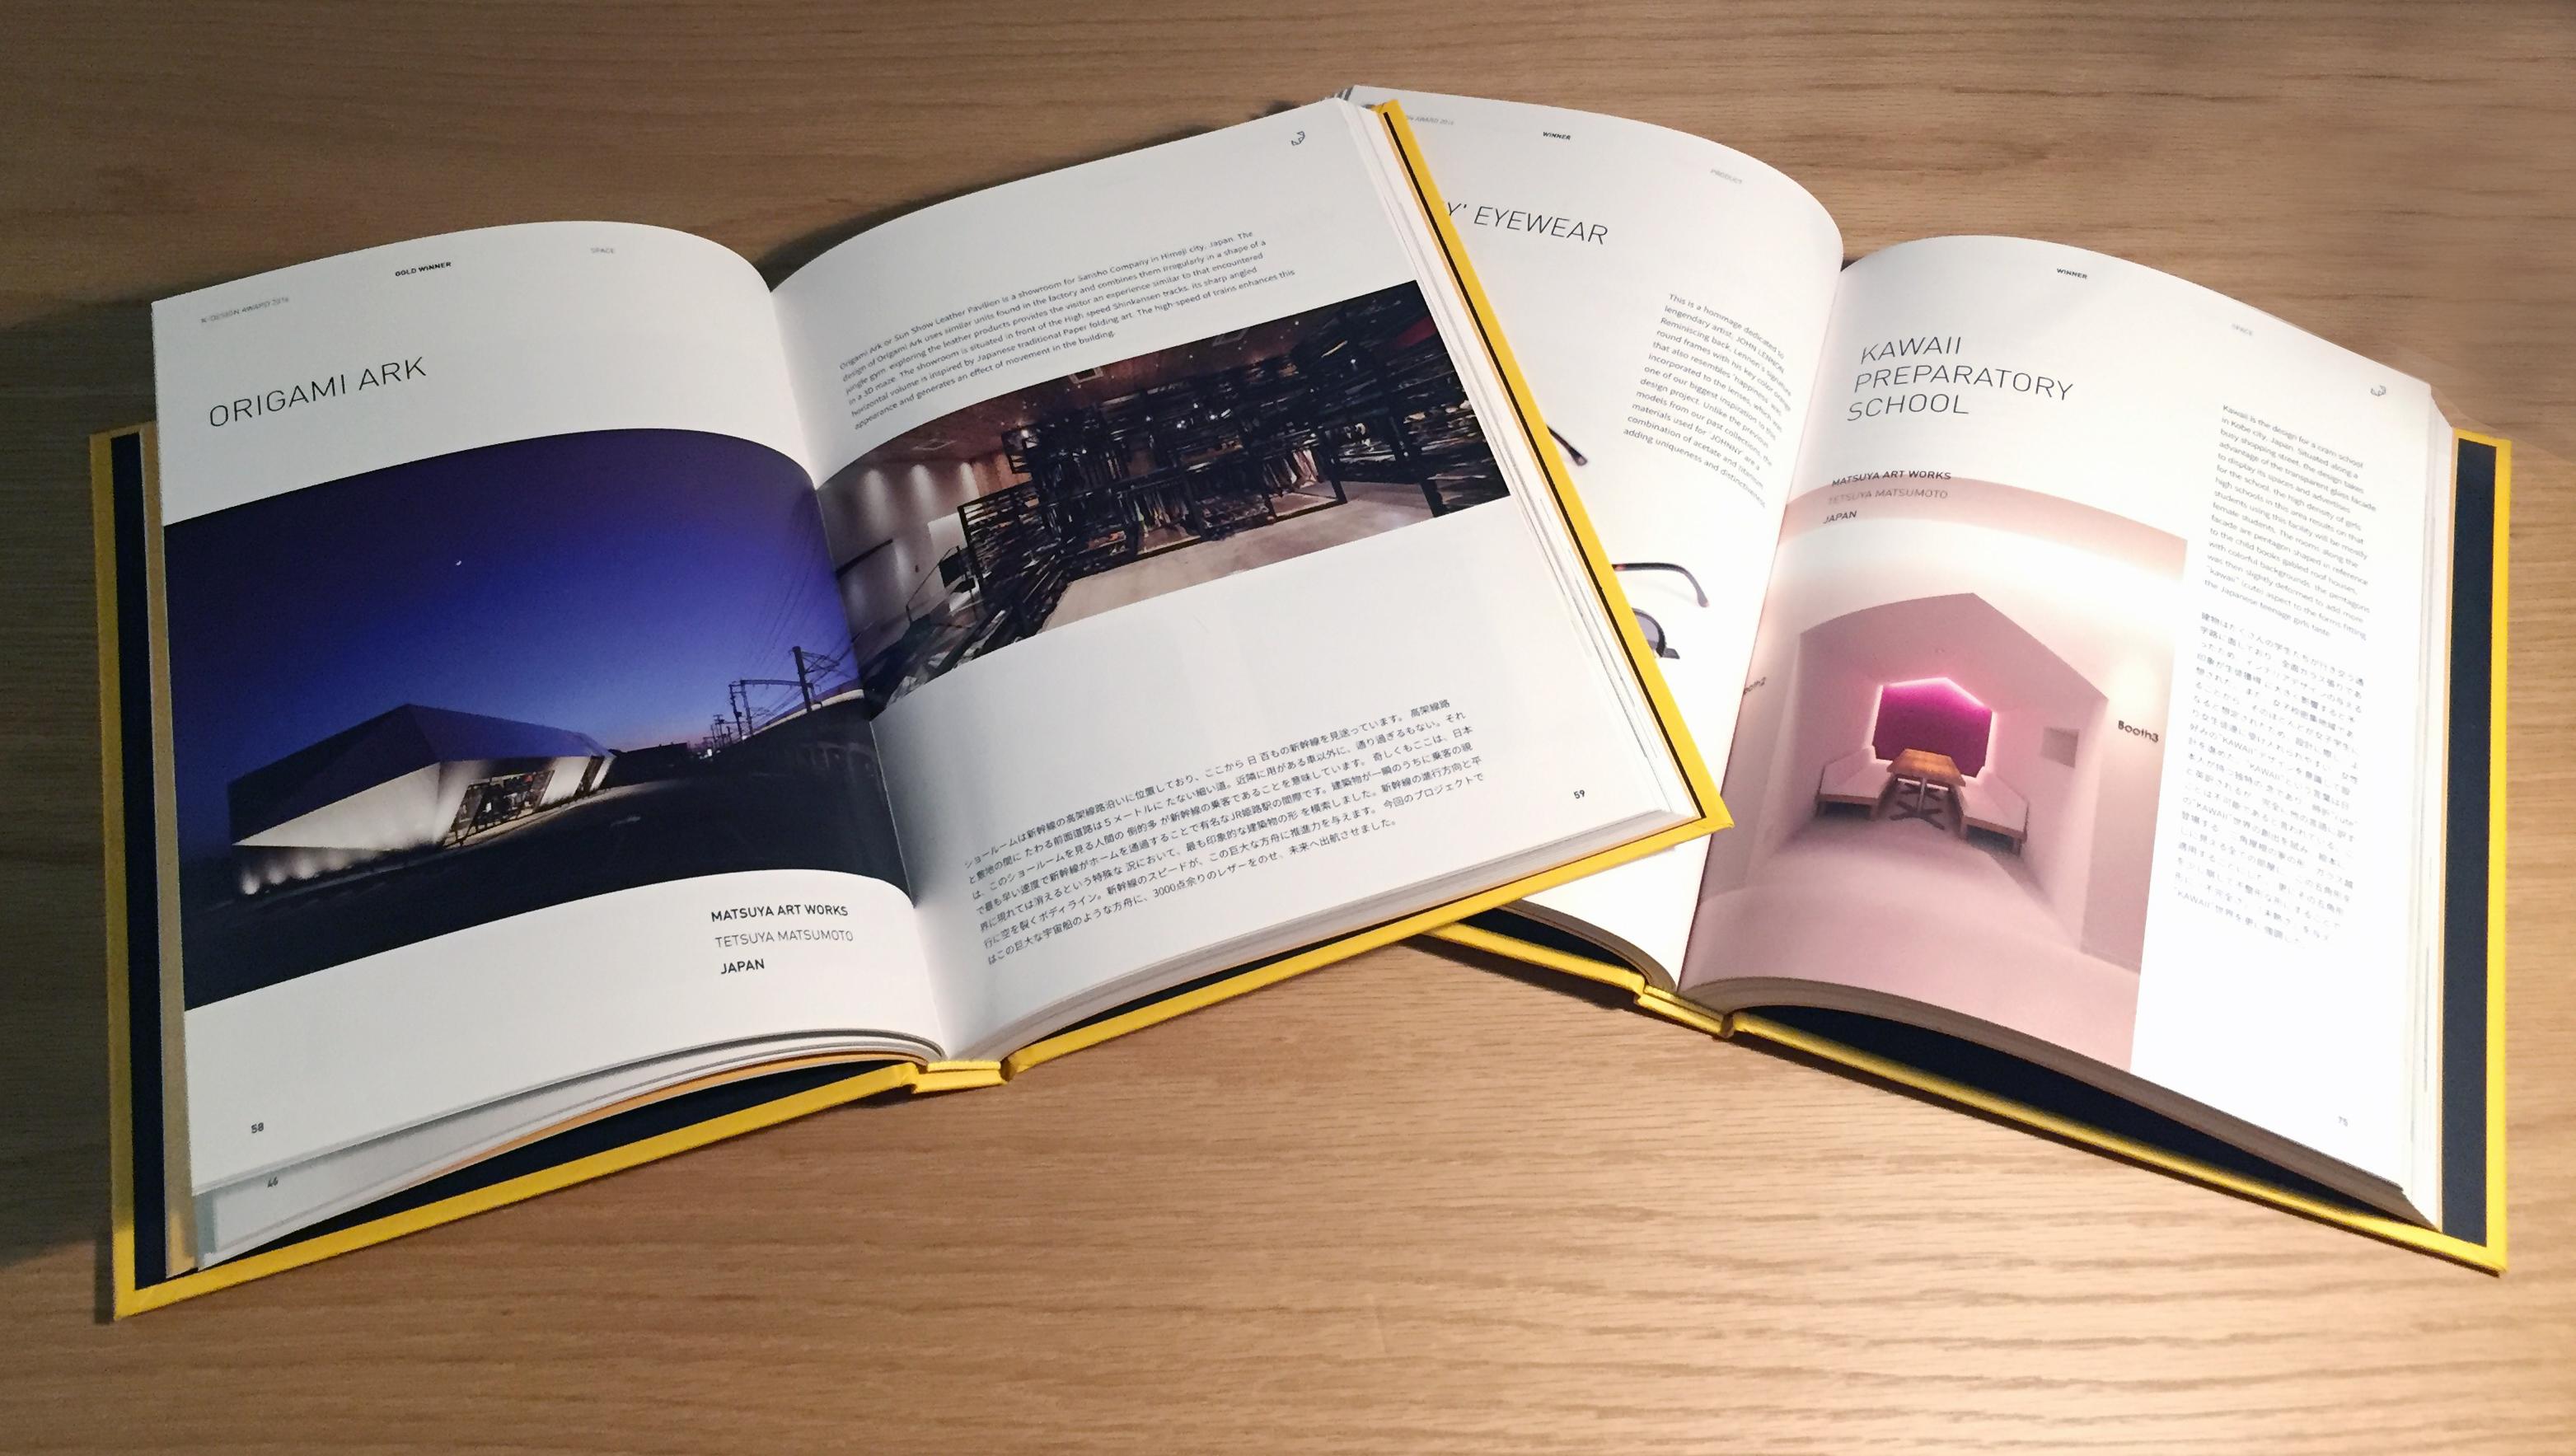 韓国デザイン年鑑にショールーム設計事例と予備校設計事例が掲載